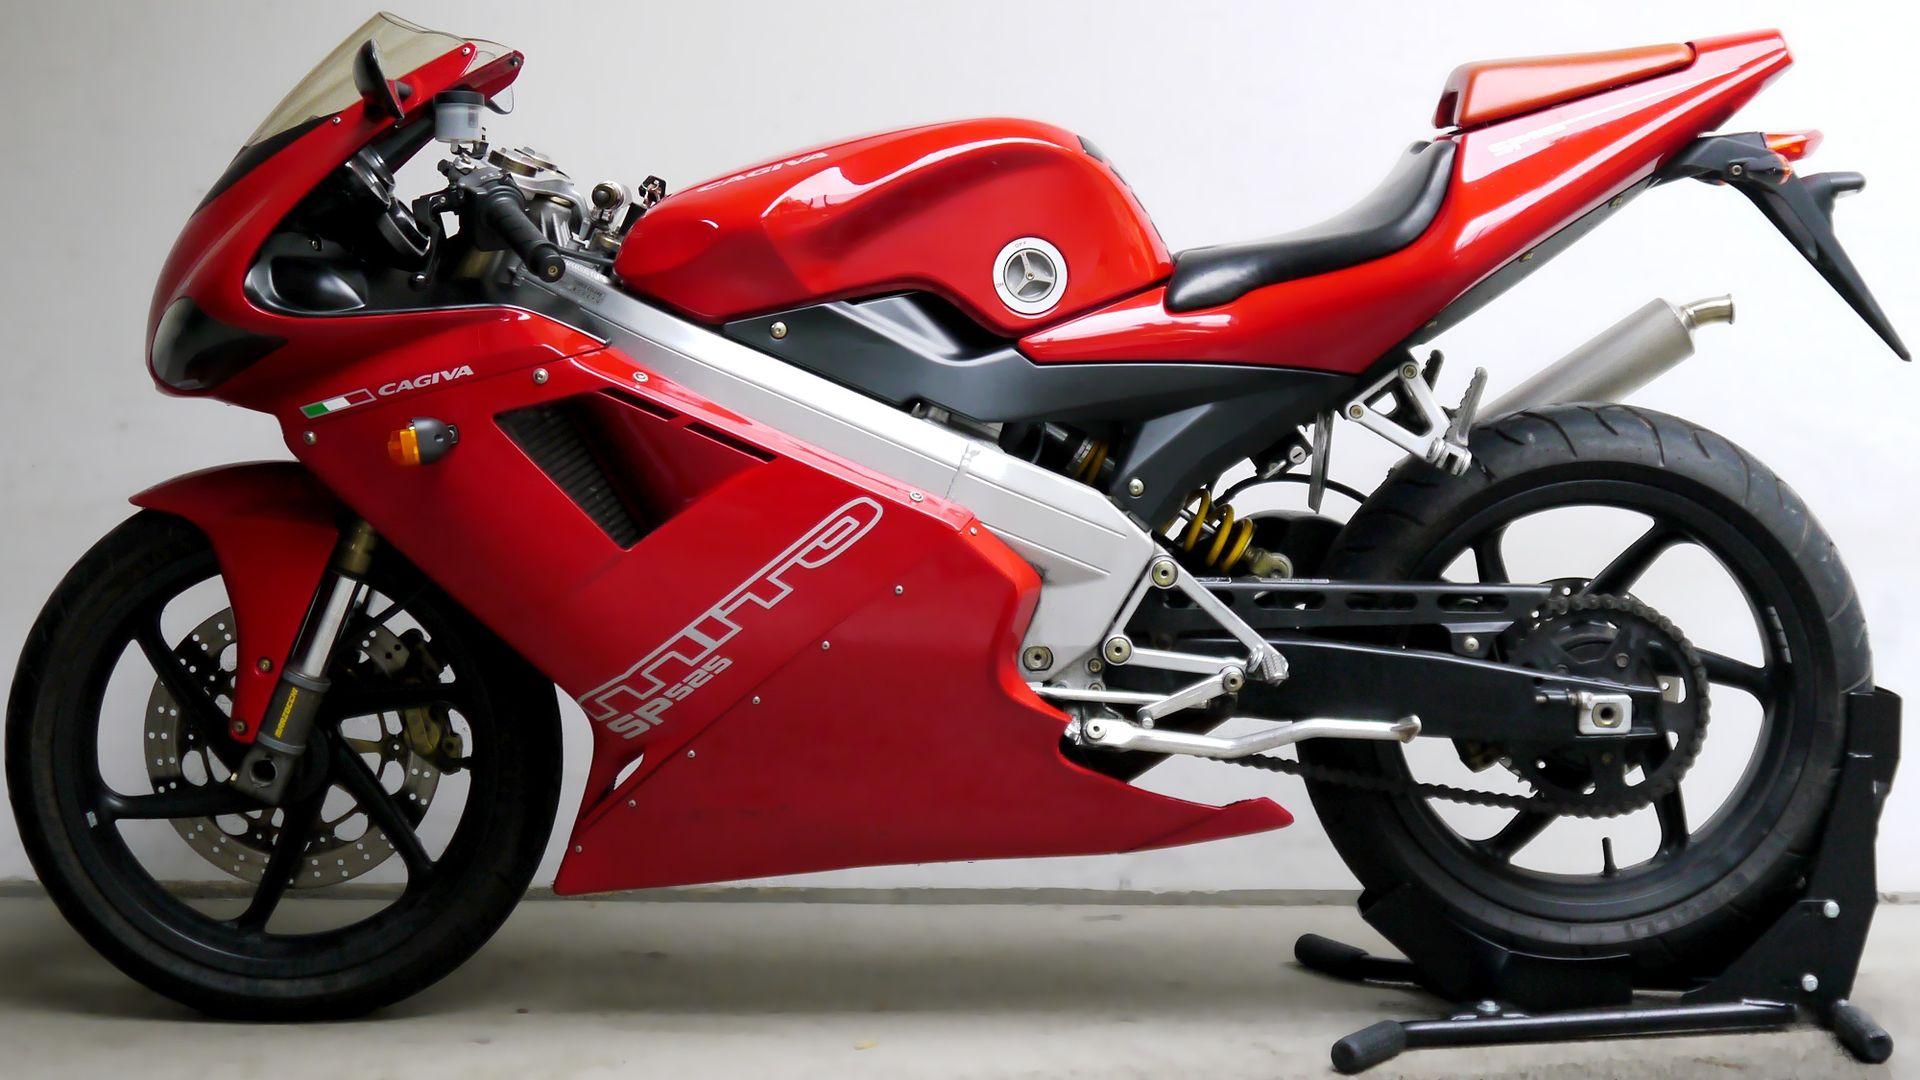 cagiva motos klet tar h ve motos klet modeller motosiklet. Black Bedroom Furniture Sets. Home Design Ideas